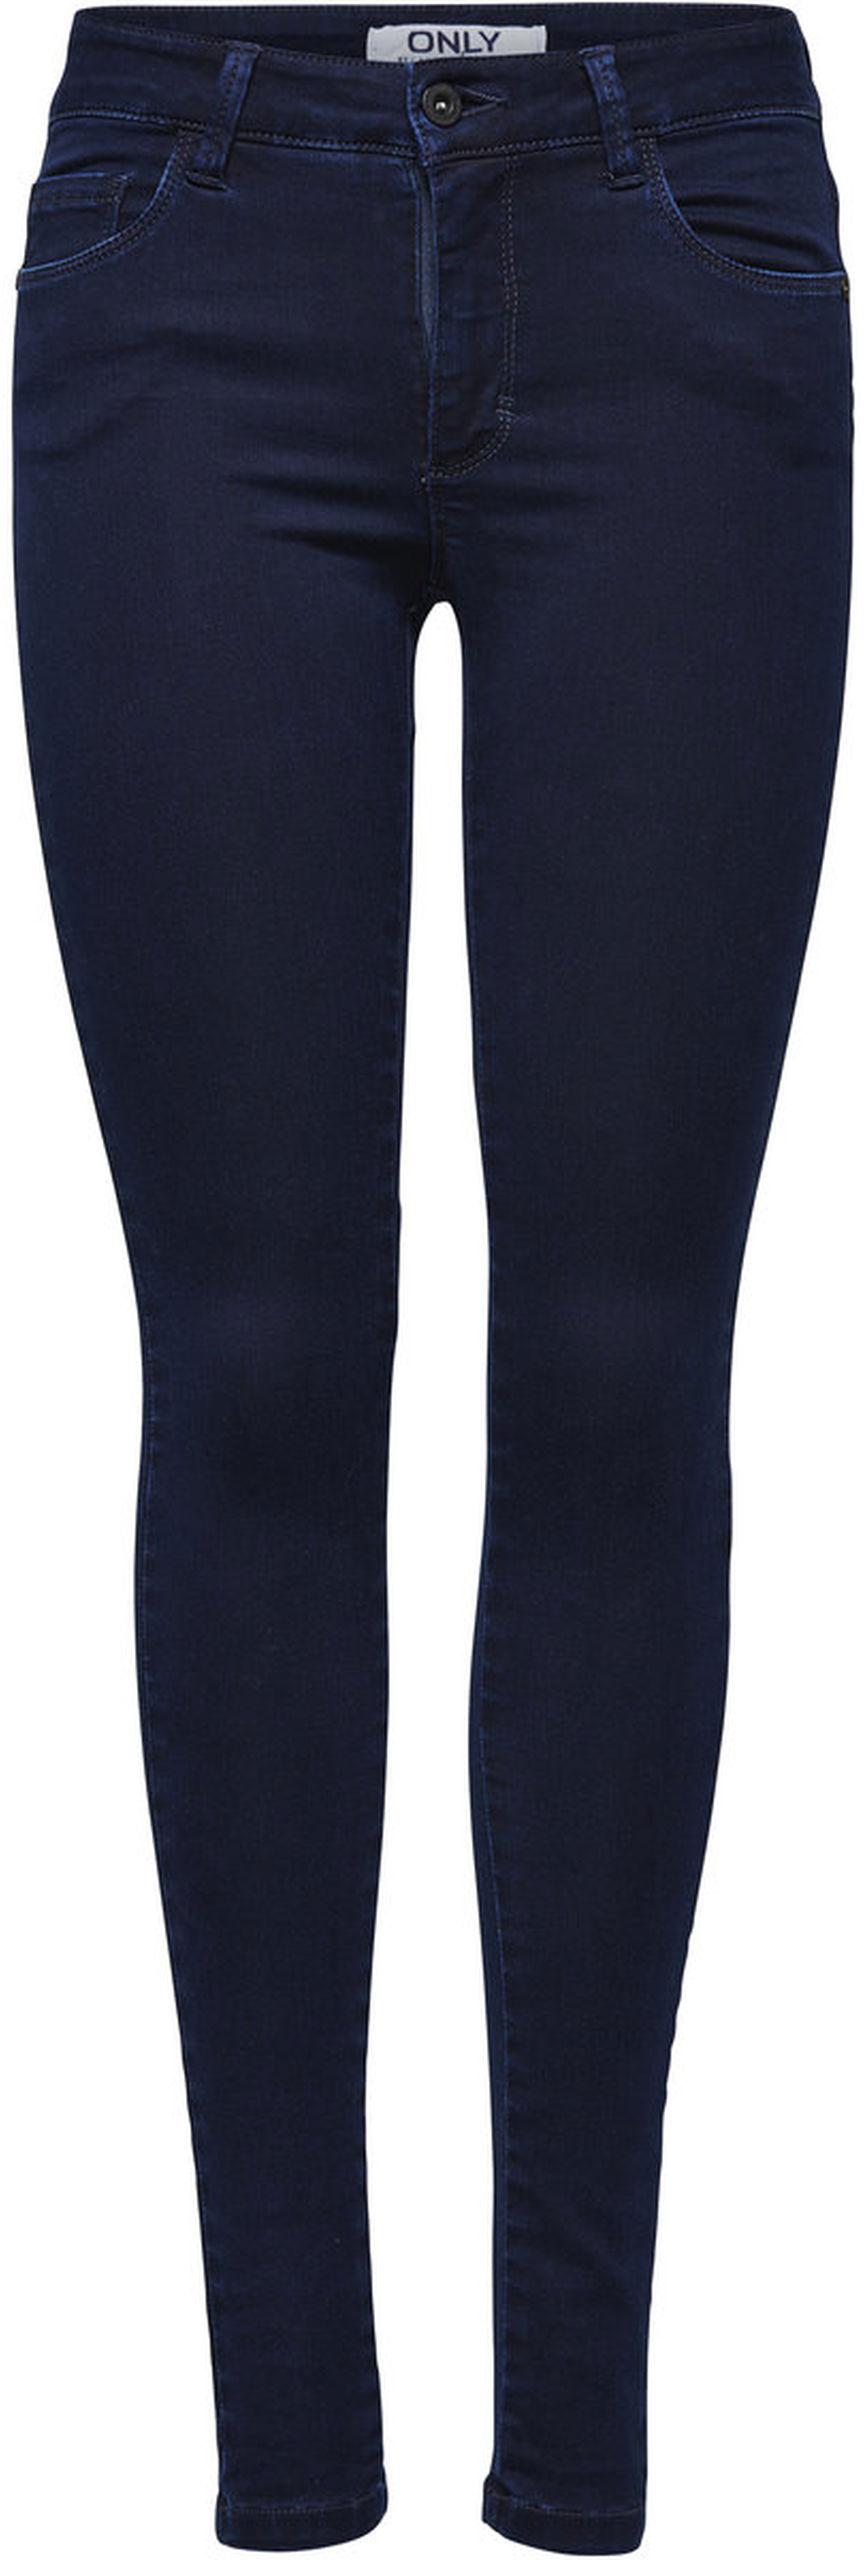 Джинсы женские Only, цвет: темно-синий. 15092651_Dark Blue Denim. Размер L-30 (48-30)15092651_Dark Blue DenimСтильные женские джинсы Only выполнены из хлопка с добавлением полиэстера и эластана. Материал мягкий и приятный на ощупь, не сковывает движения и дарит комфорт. Джинсы-скинни с заниженной посадкой застегиваются на пуговицу в поясе и ширинку на застежке-молнии. На поясе предусмотрены шлевки для ремня. Спереди модель дополнена двумя втачными карманами и одним накладным кармашком, сзади - двумя накладными карманами. Модель оформлена контрастной прострочкой.